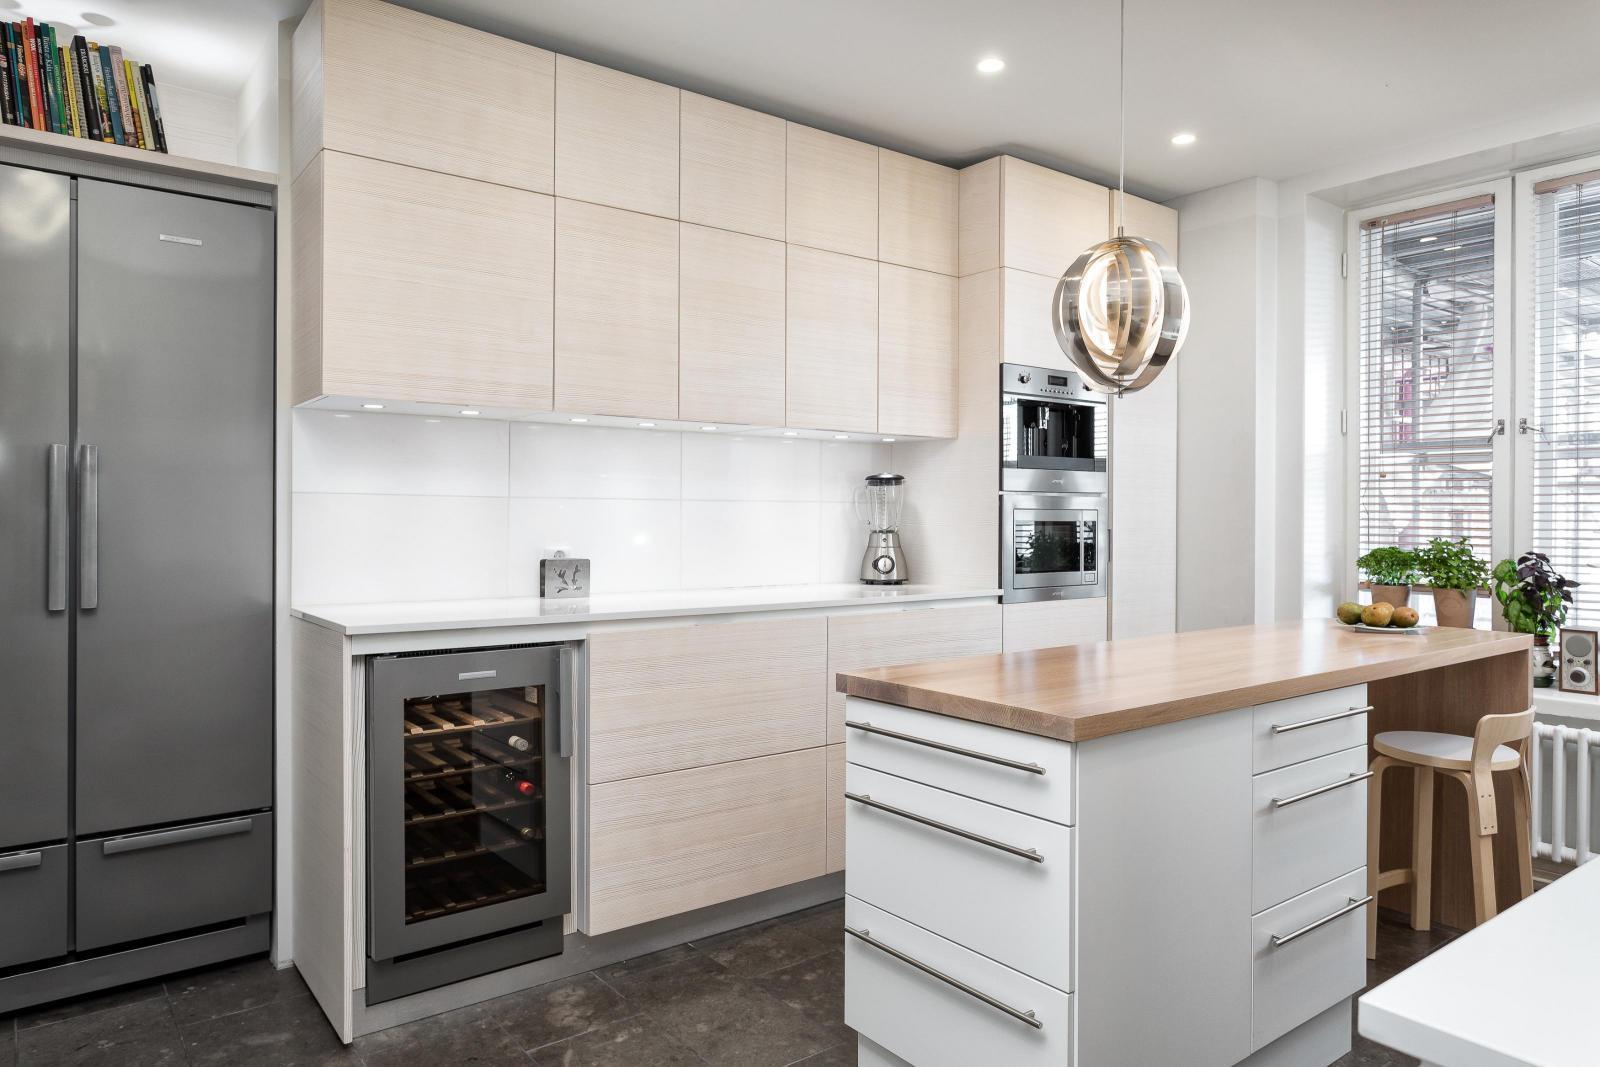 Kaunis vaaleansävyinen keittiö  Etuovi com Ideat & vinkit